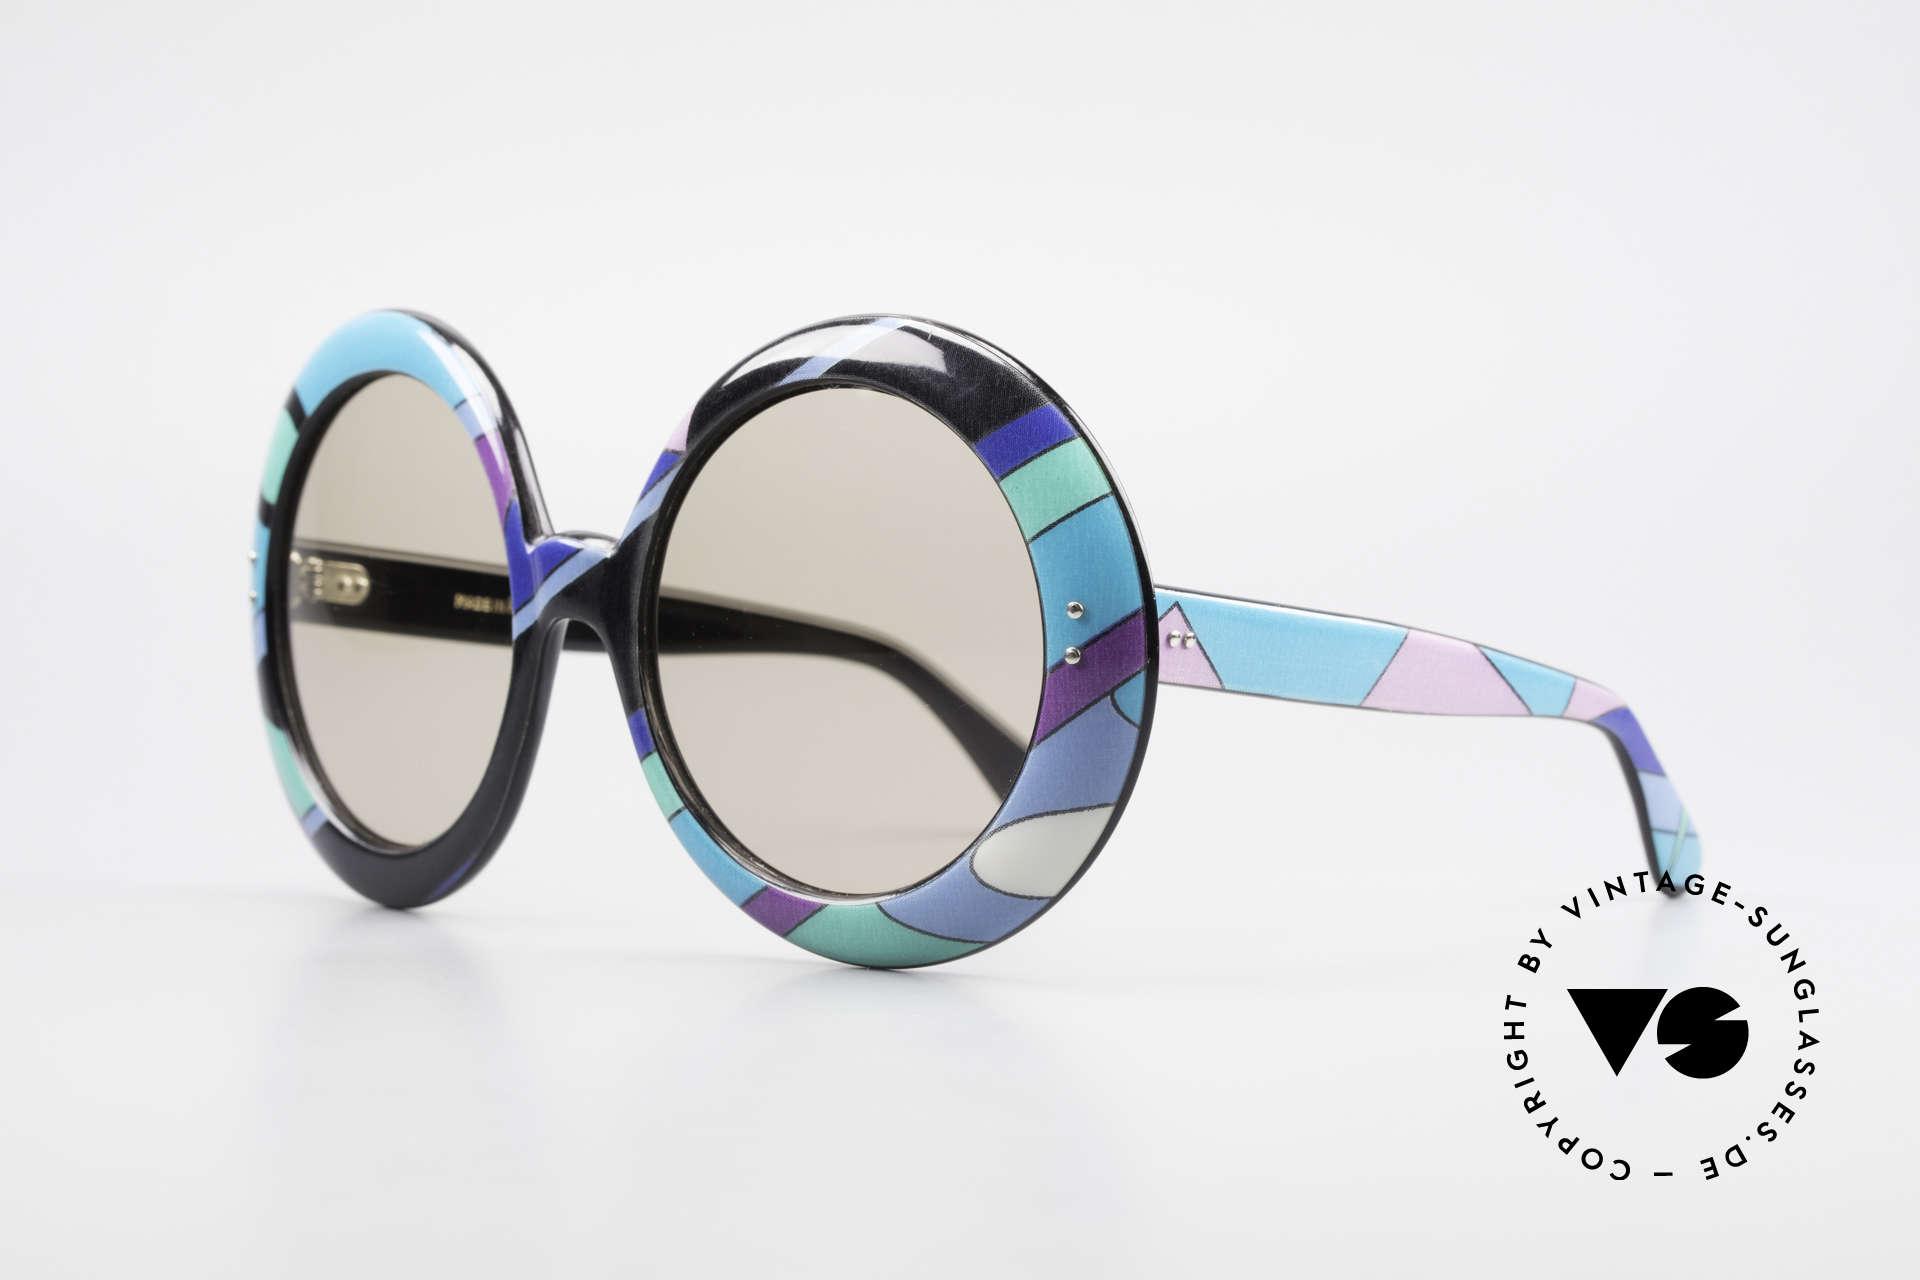 Emilio Pucci XXL Übergroße 60er Sonnenbrille, Stars wie Sophia Loren, Grace Kelly, Marilyn Monroe ..., Passend für Damen